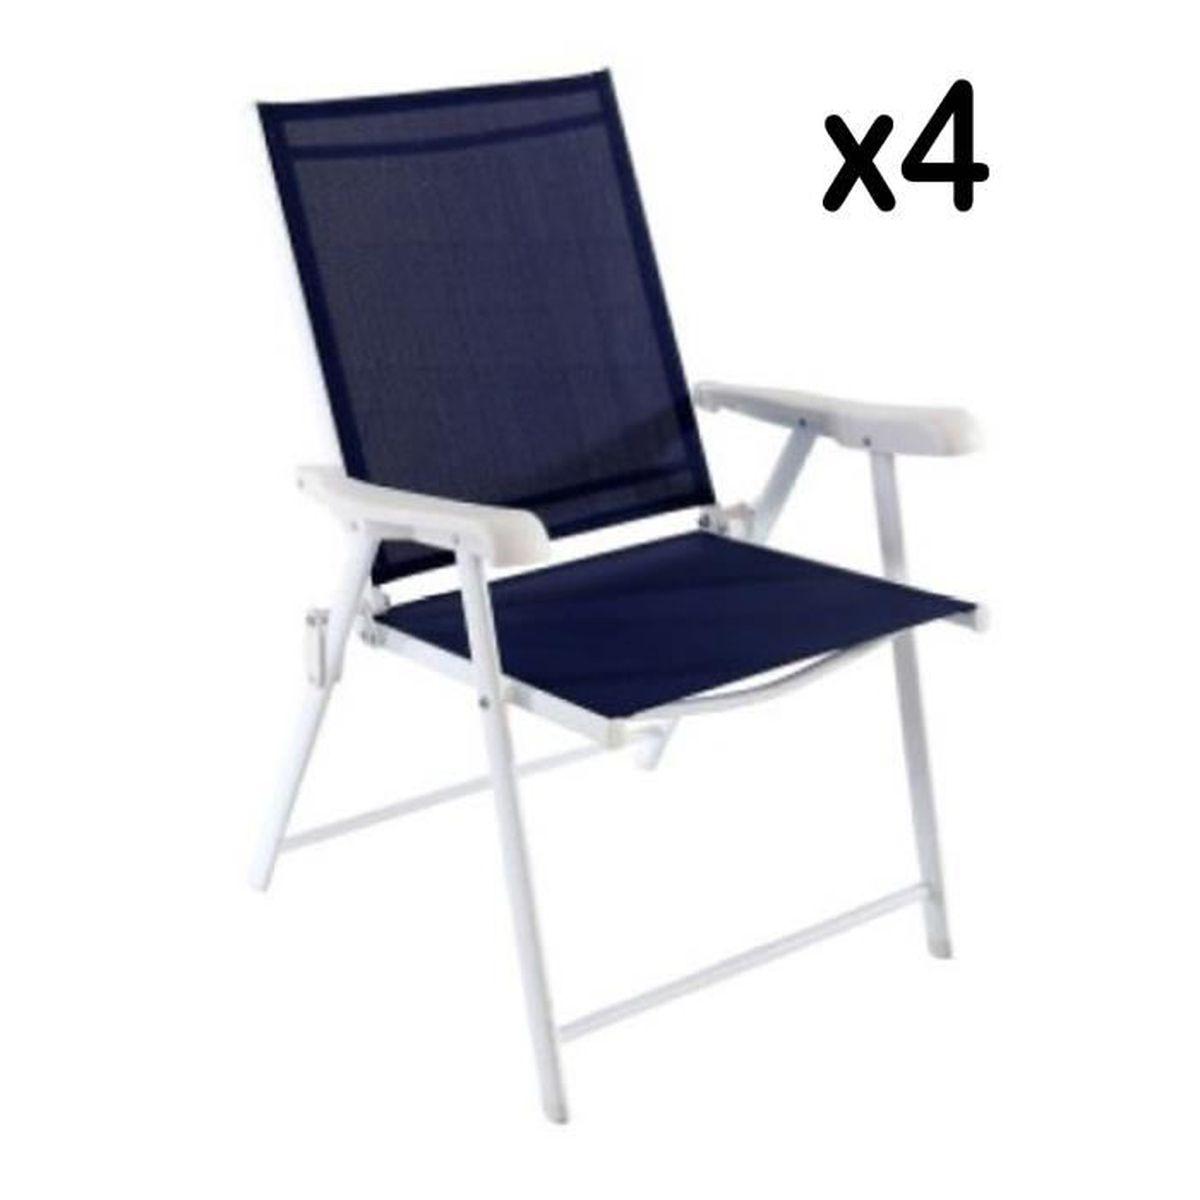 Chaise en plastique elegant chaise plastique design - Chaises plastique design ...